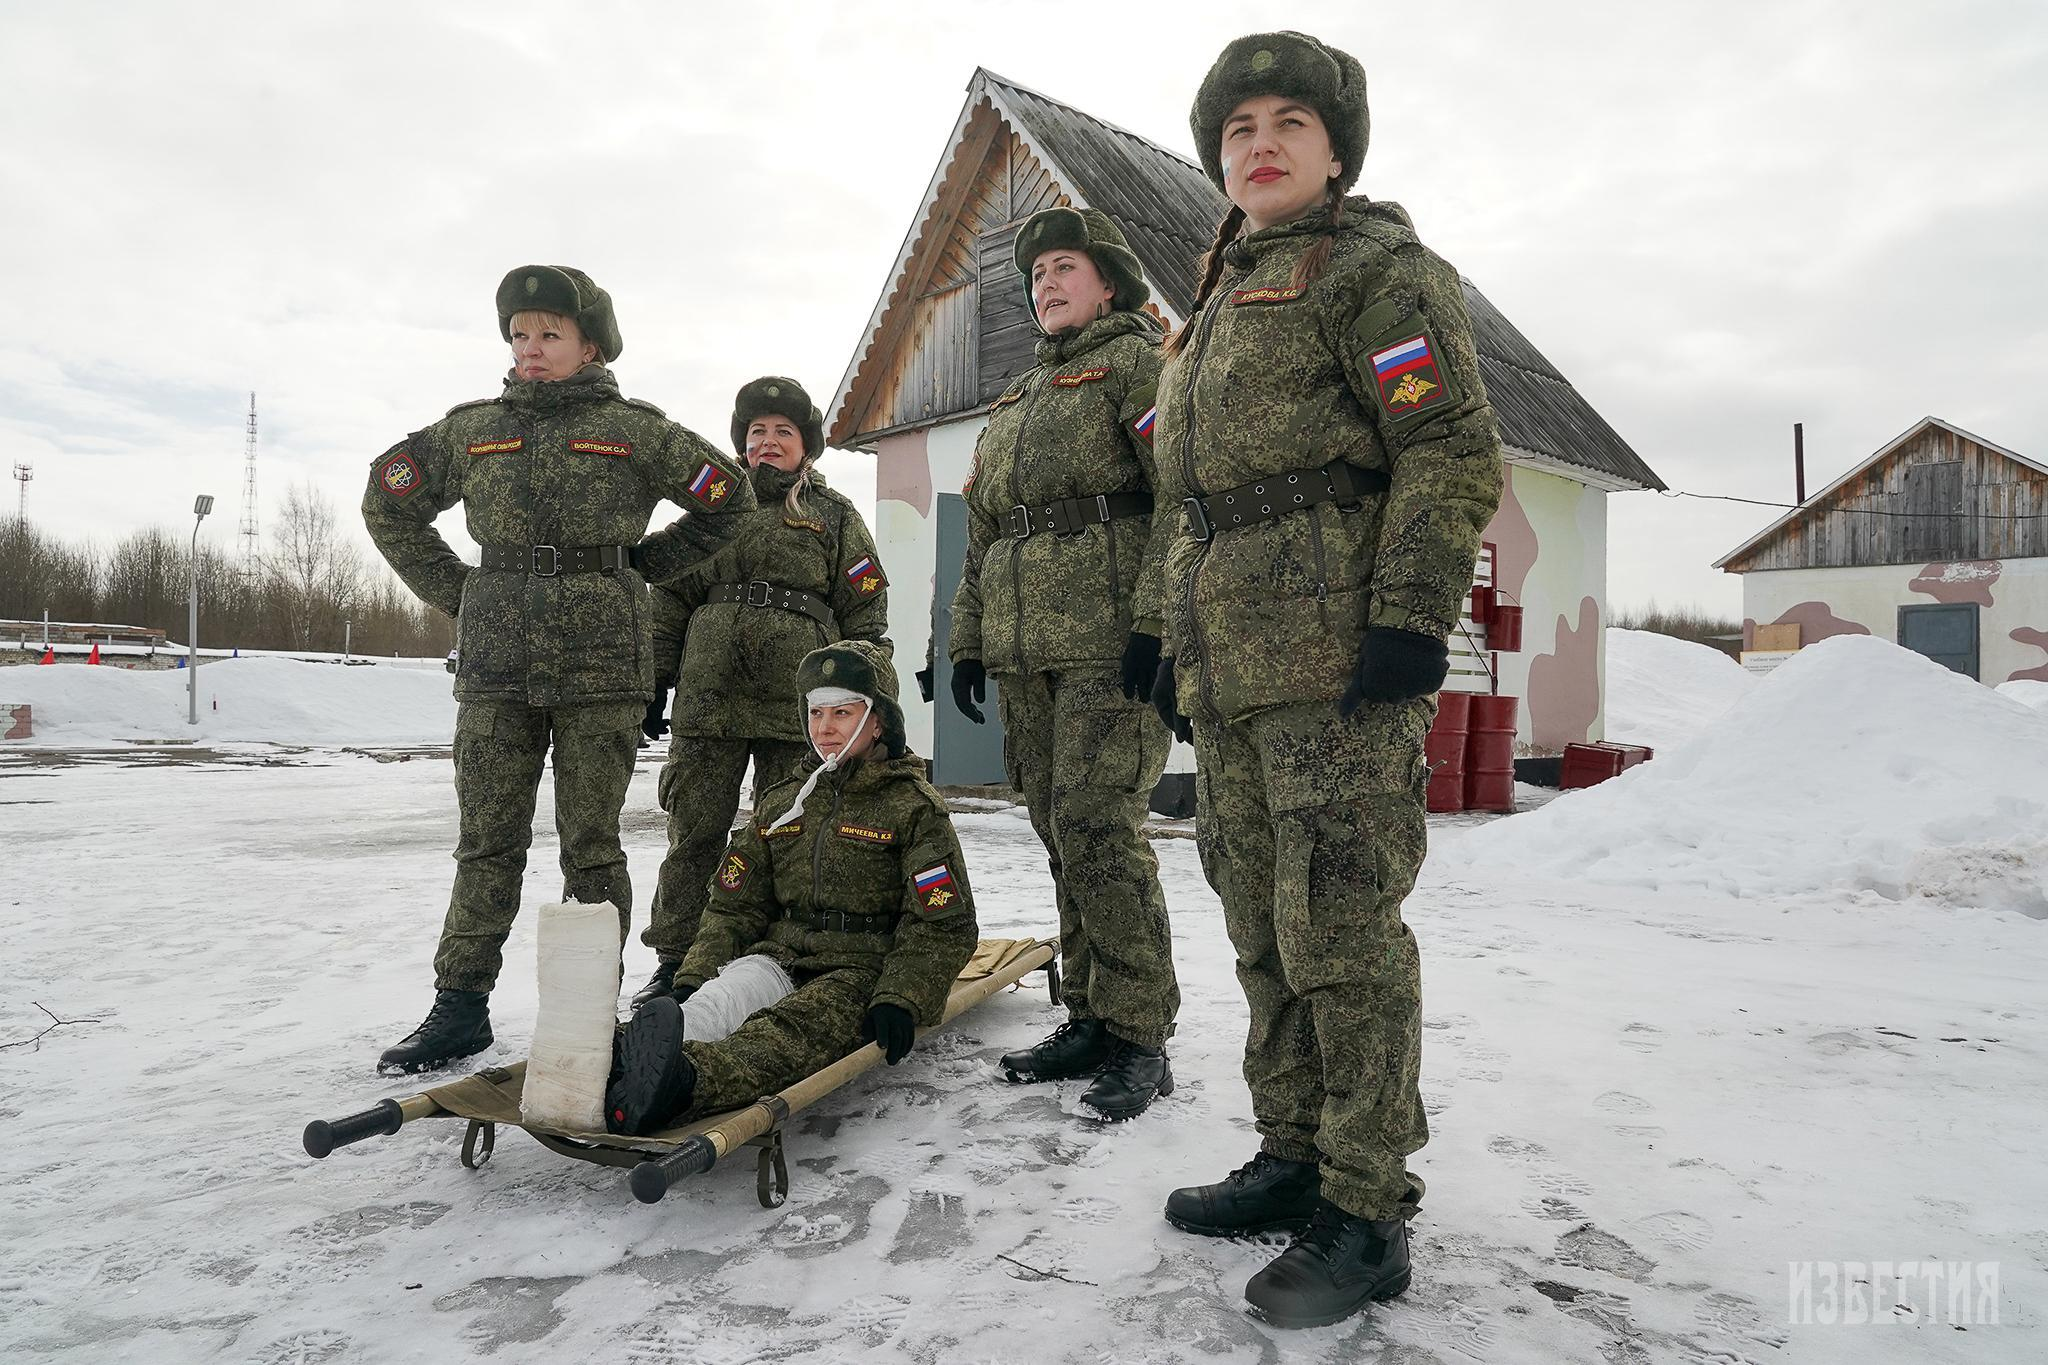 Những 'bông hồng thép' của quân đội Nga khoe sắc